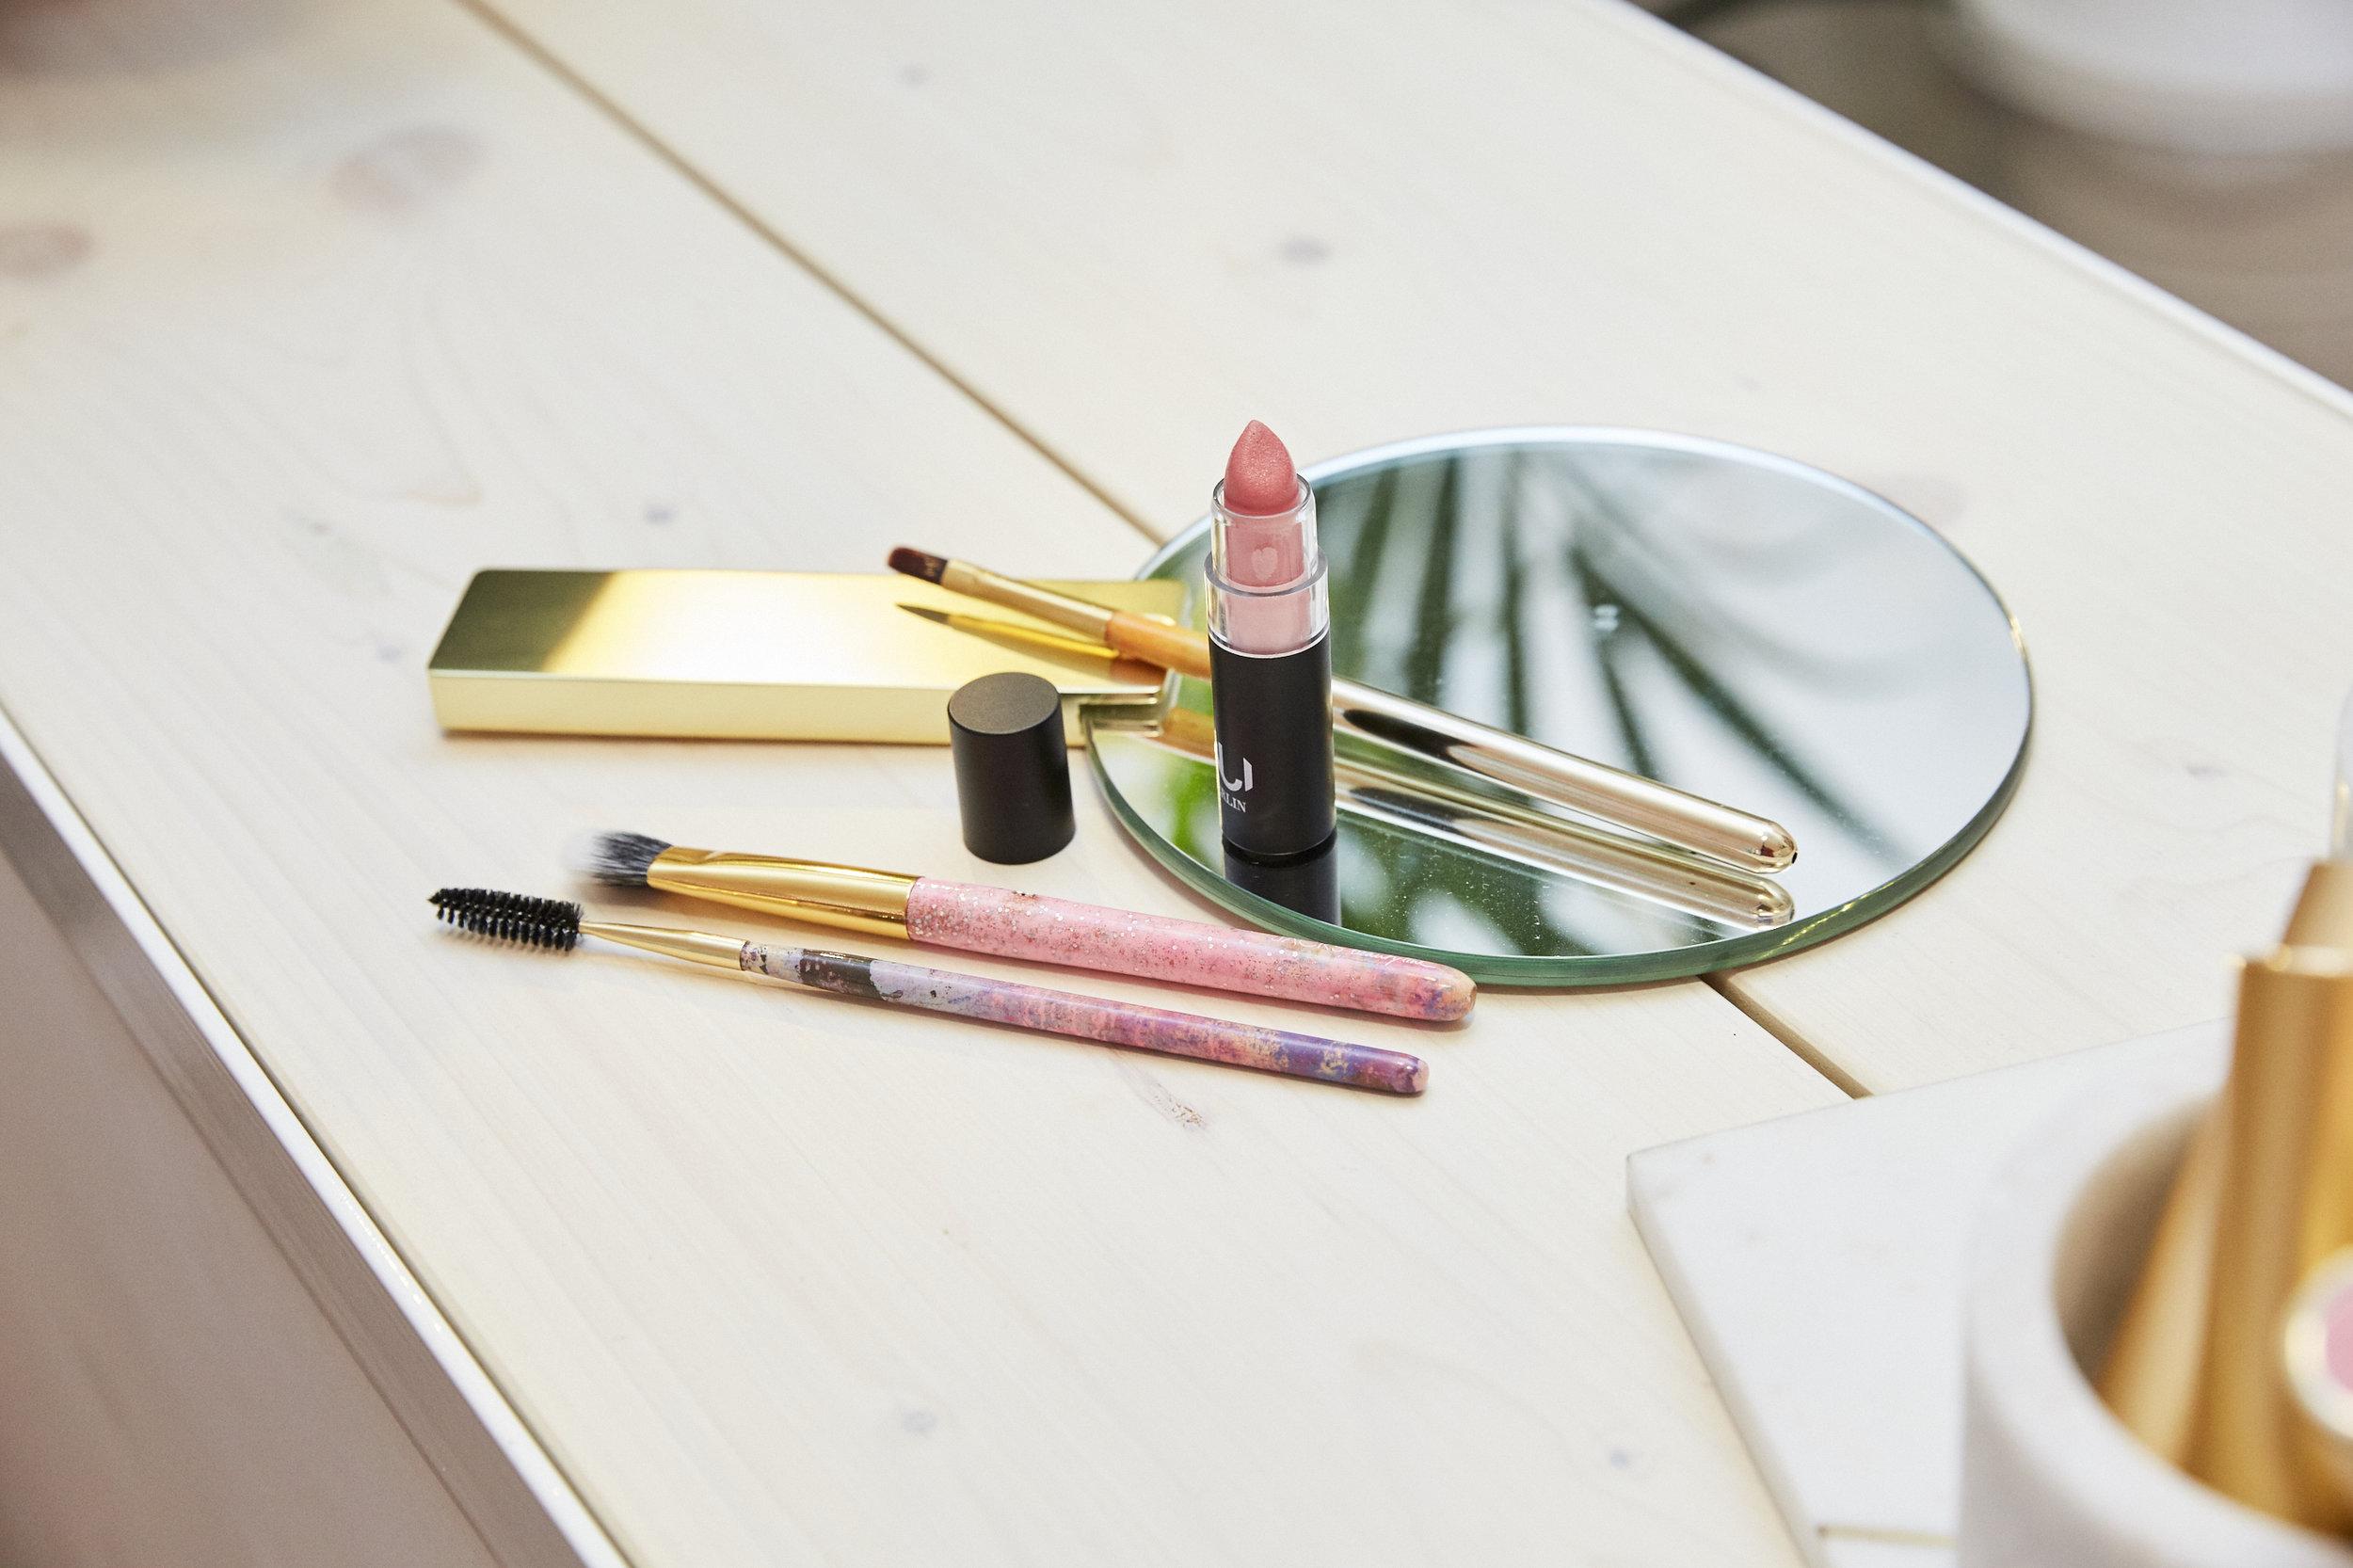 Oben: Miriam Jacks bei Lovely Day Botanicals mit NUI Berlin Lipstick. Unten:JACKS beauty line Pinsel werden nun auch bei Lovely Day Botanicals in der Emser Str. 126, 12051 Berlin verkauft